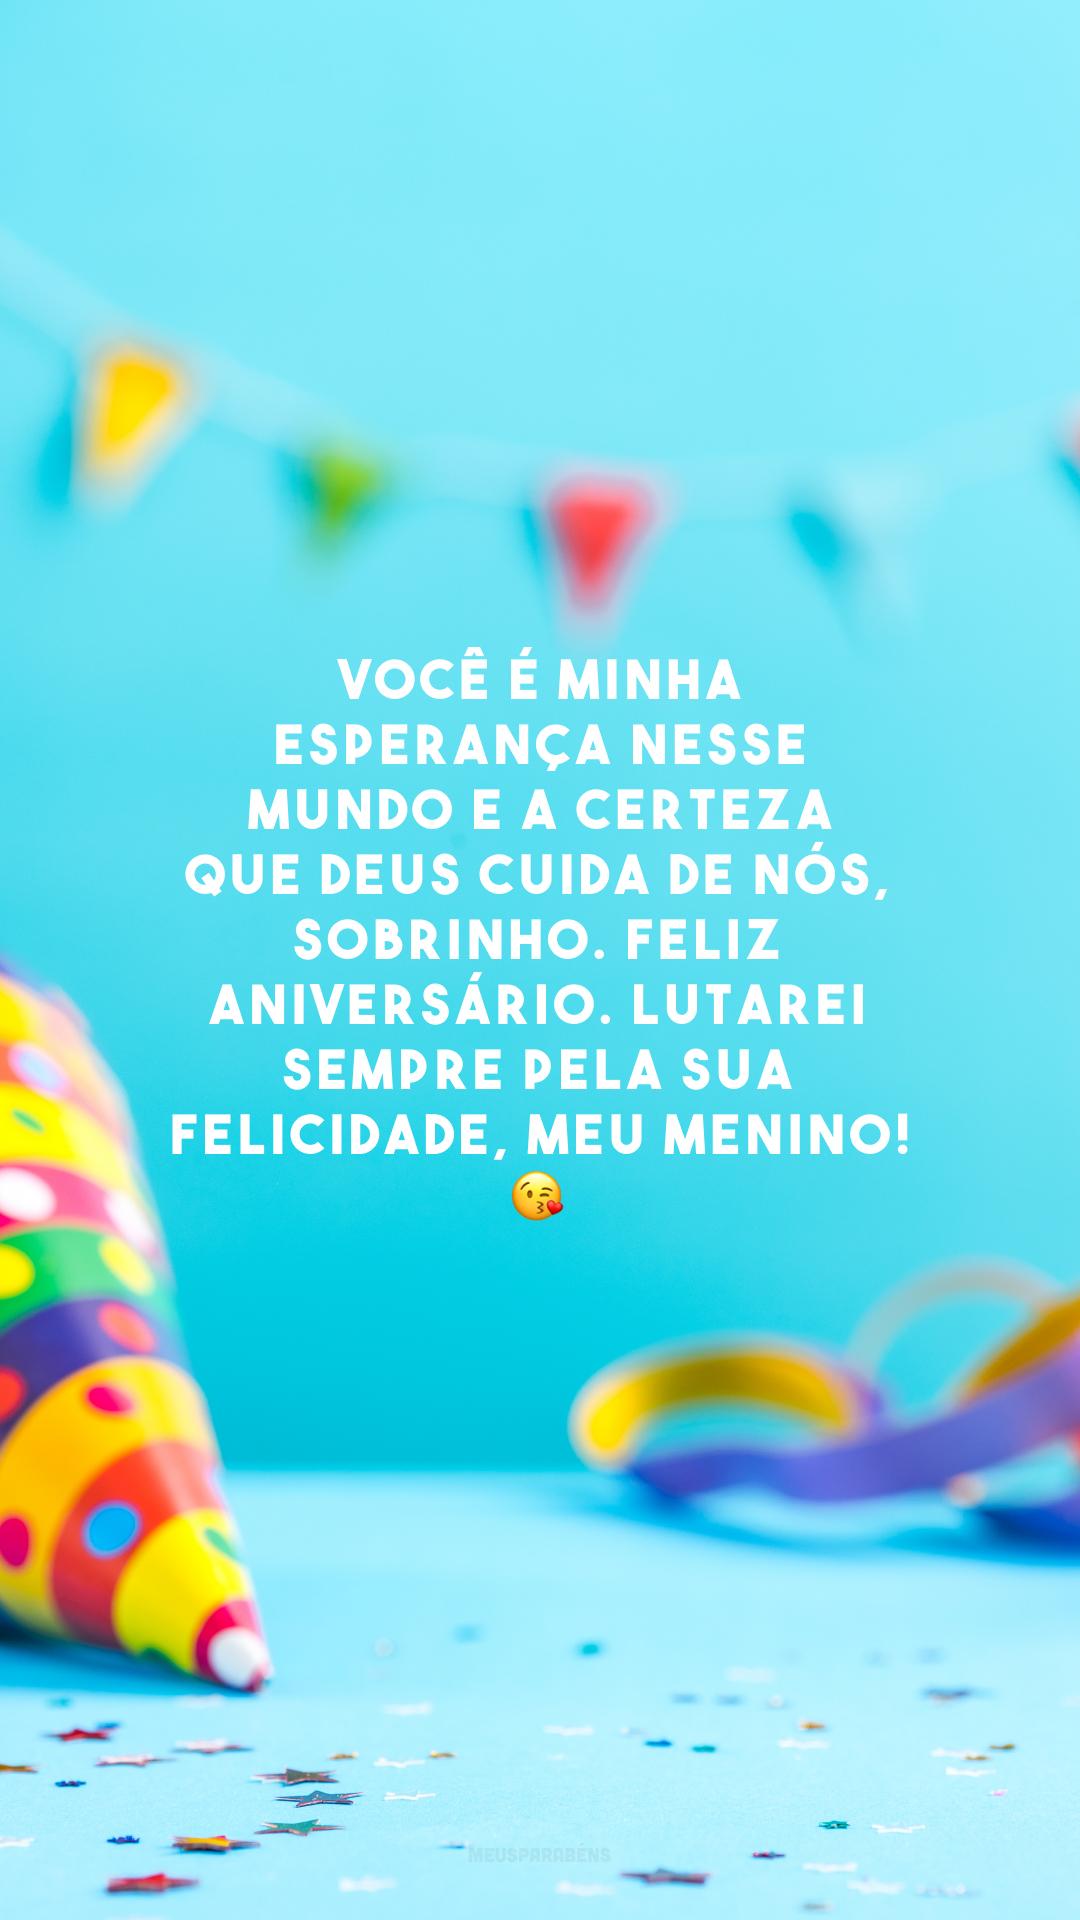 Você é minha esperança nesse mundo e a certeza que Deus cuida de nós, sobrinho. Feliz aniversário. Lutarei sempre pela sua felicidade, meu menino! 😘